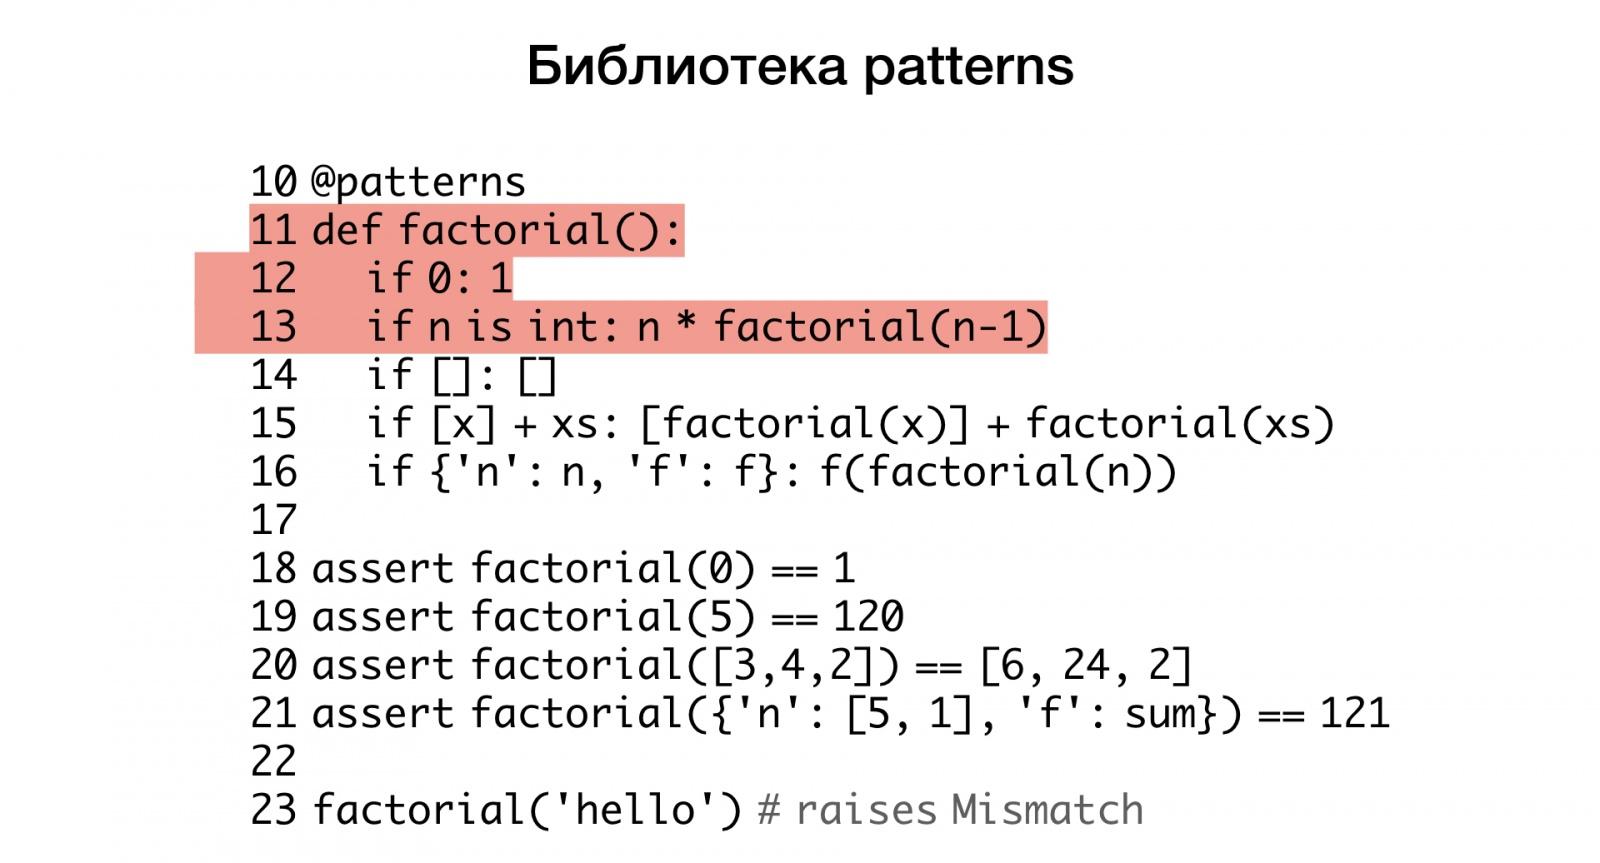 Макросы для питониста. Доклад Яндекса - 11